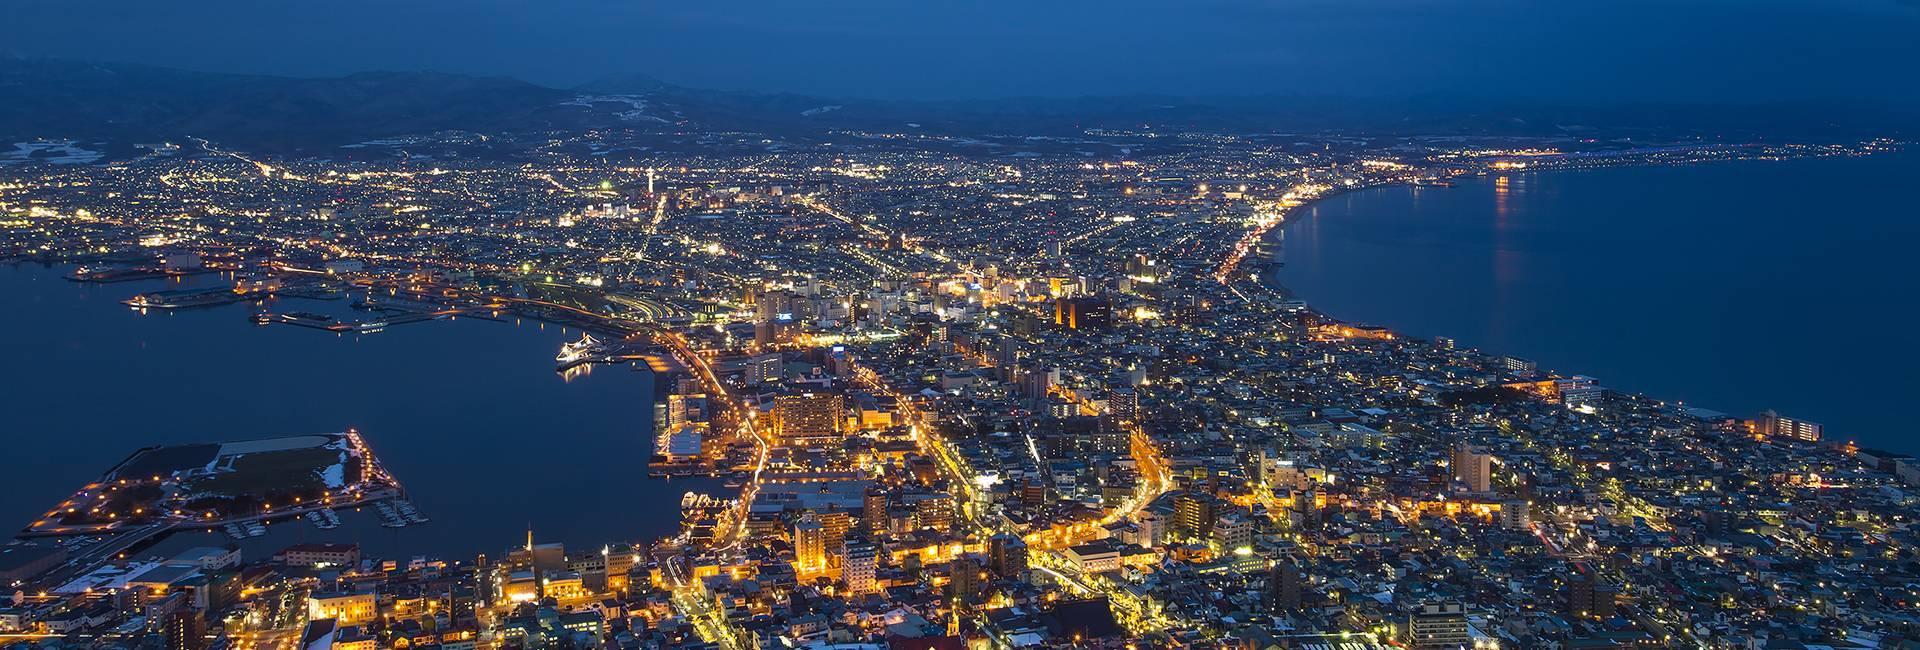 vue nocturne de Hakodate